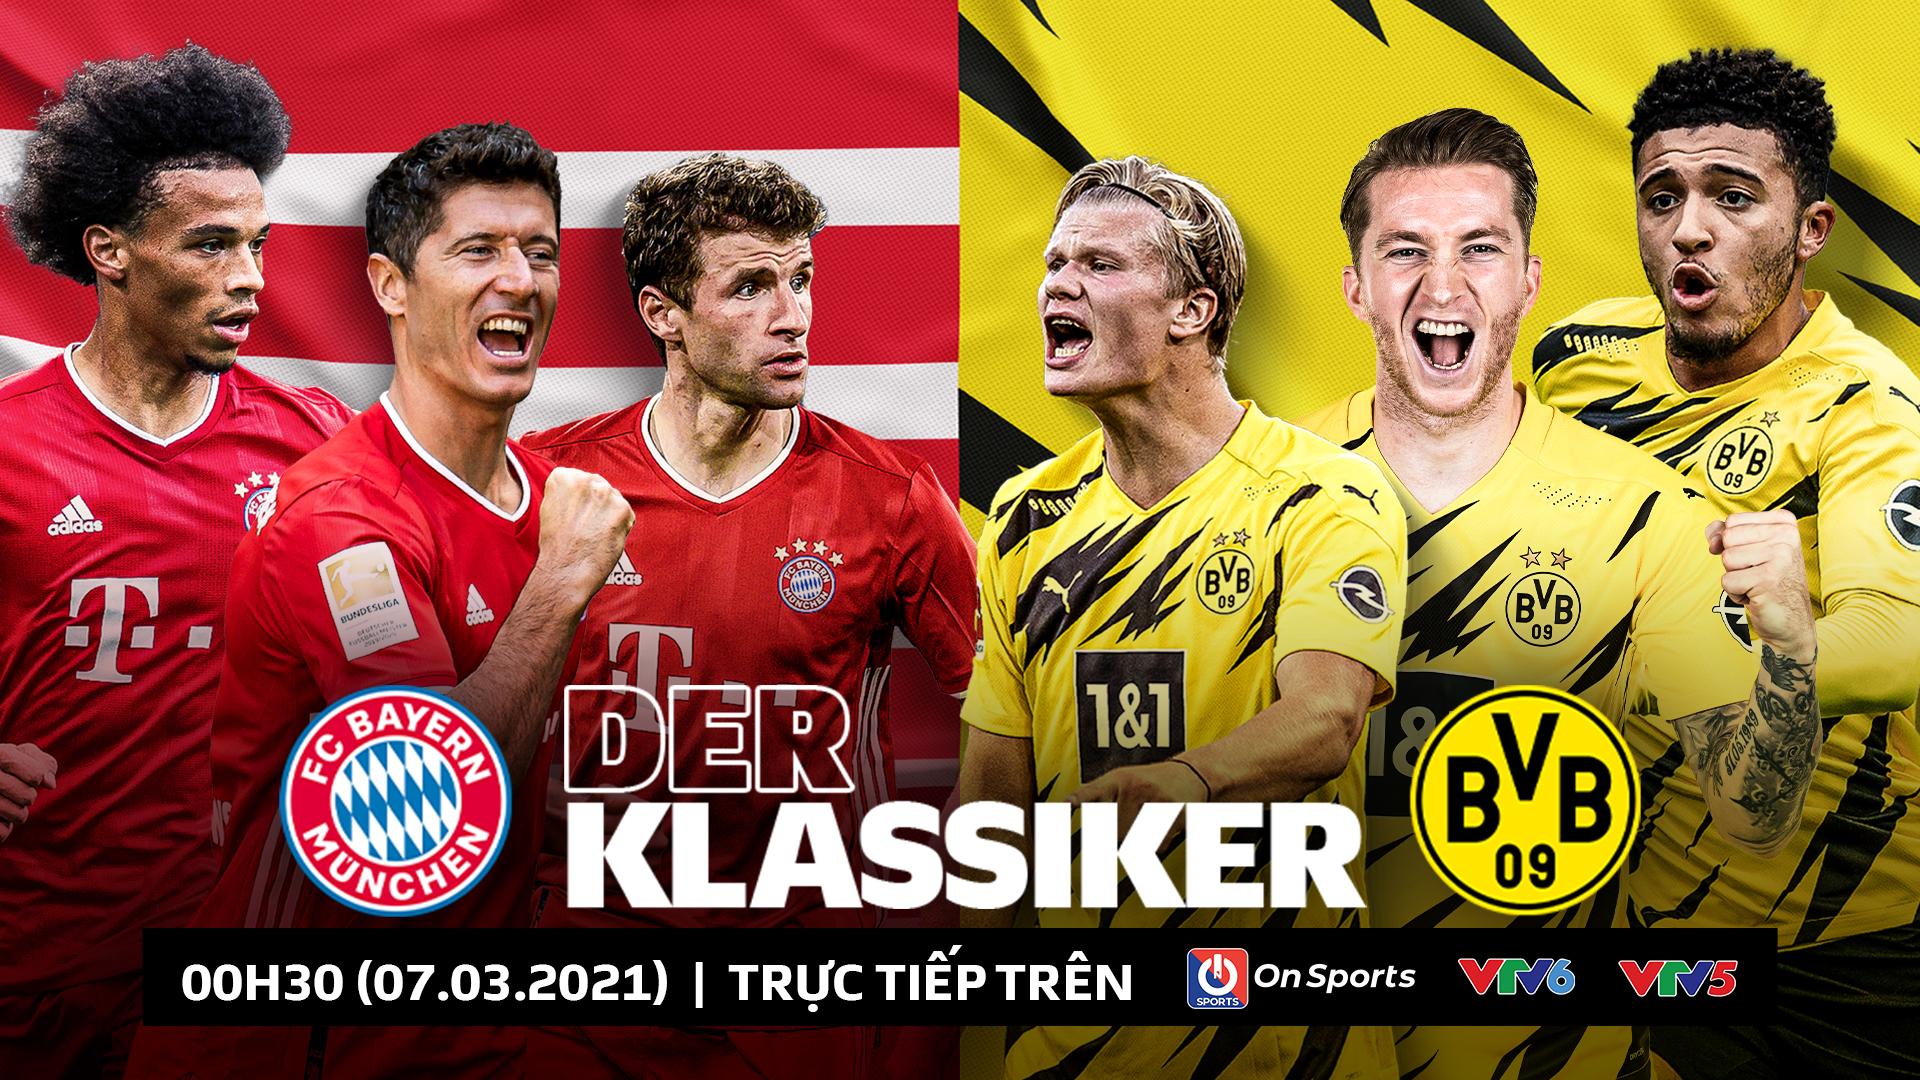 Bayern Munich vs Dortmund: Tin tức, thống kê, dự đoán tỷ số, đội hình ra sân